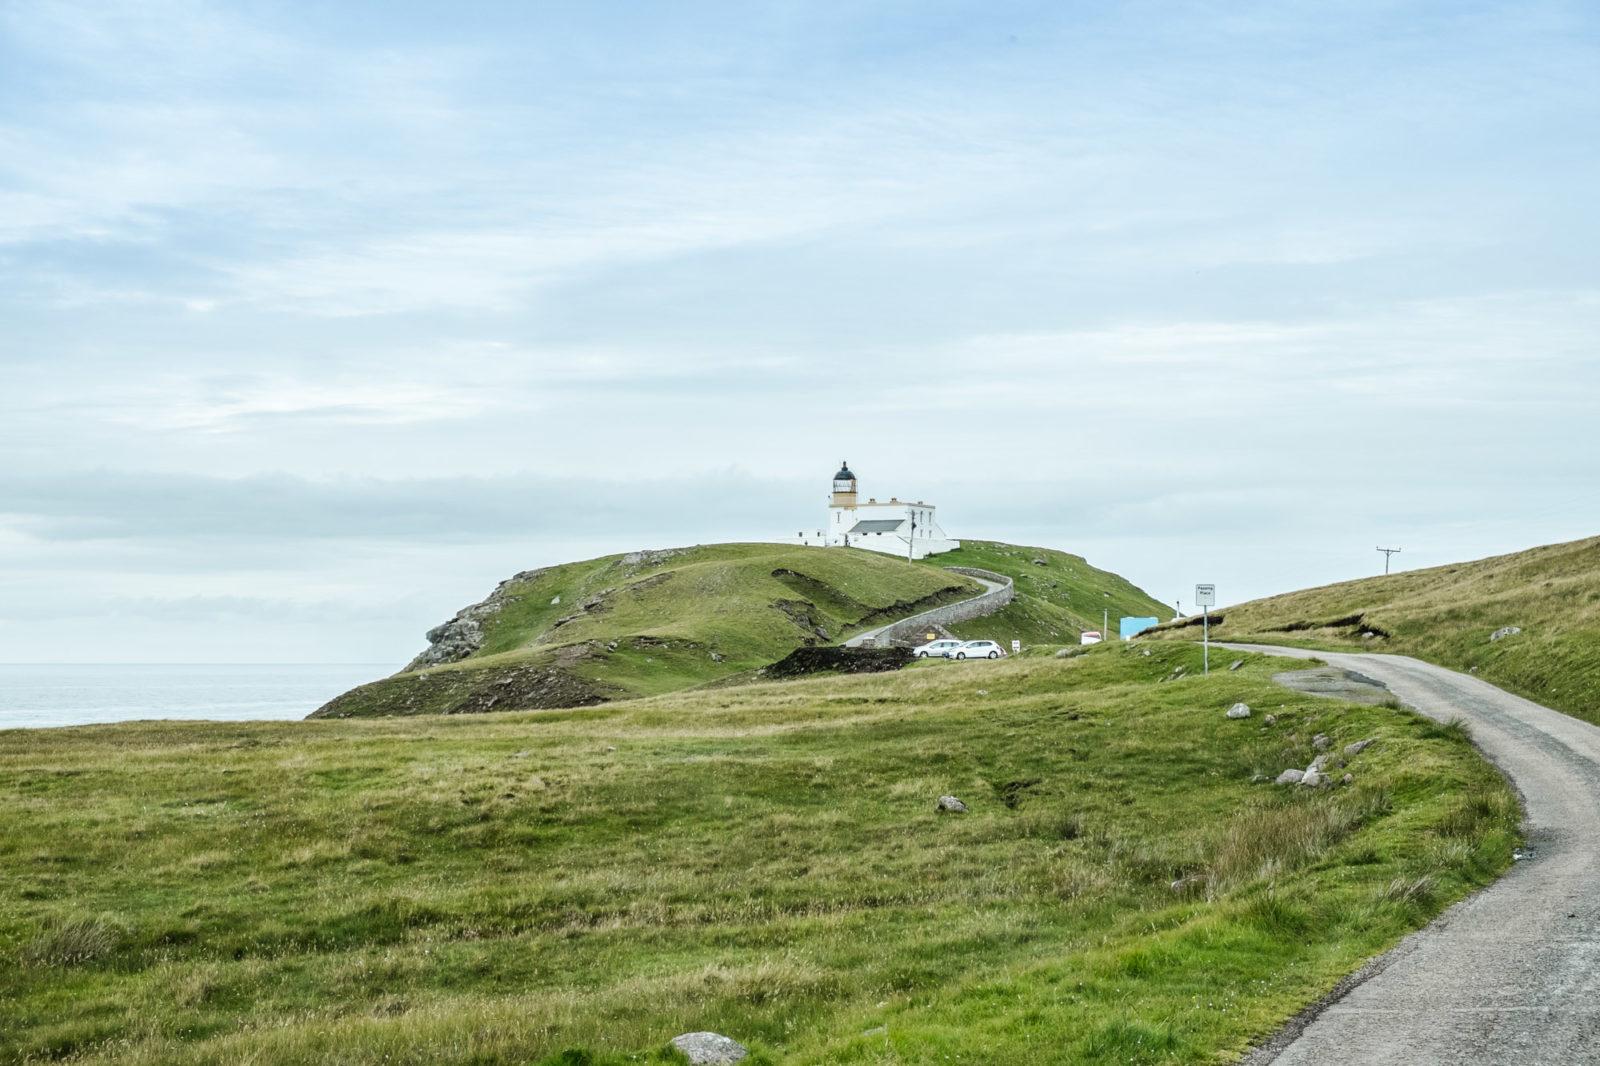 Stoer Head Lighthouse und Old Man of Stoer